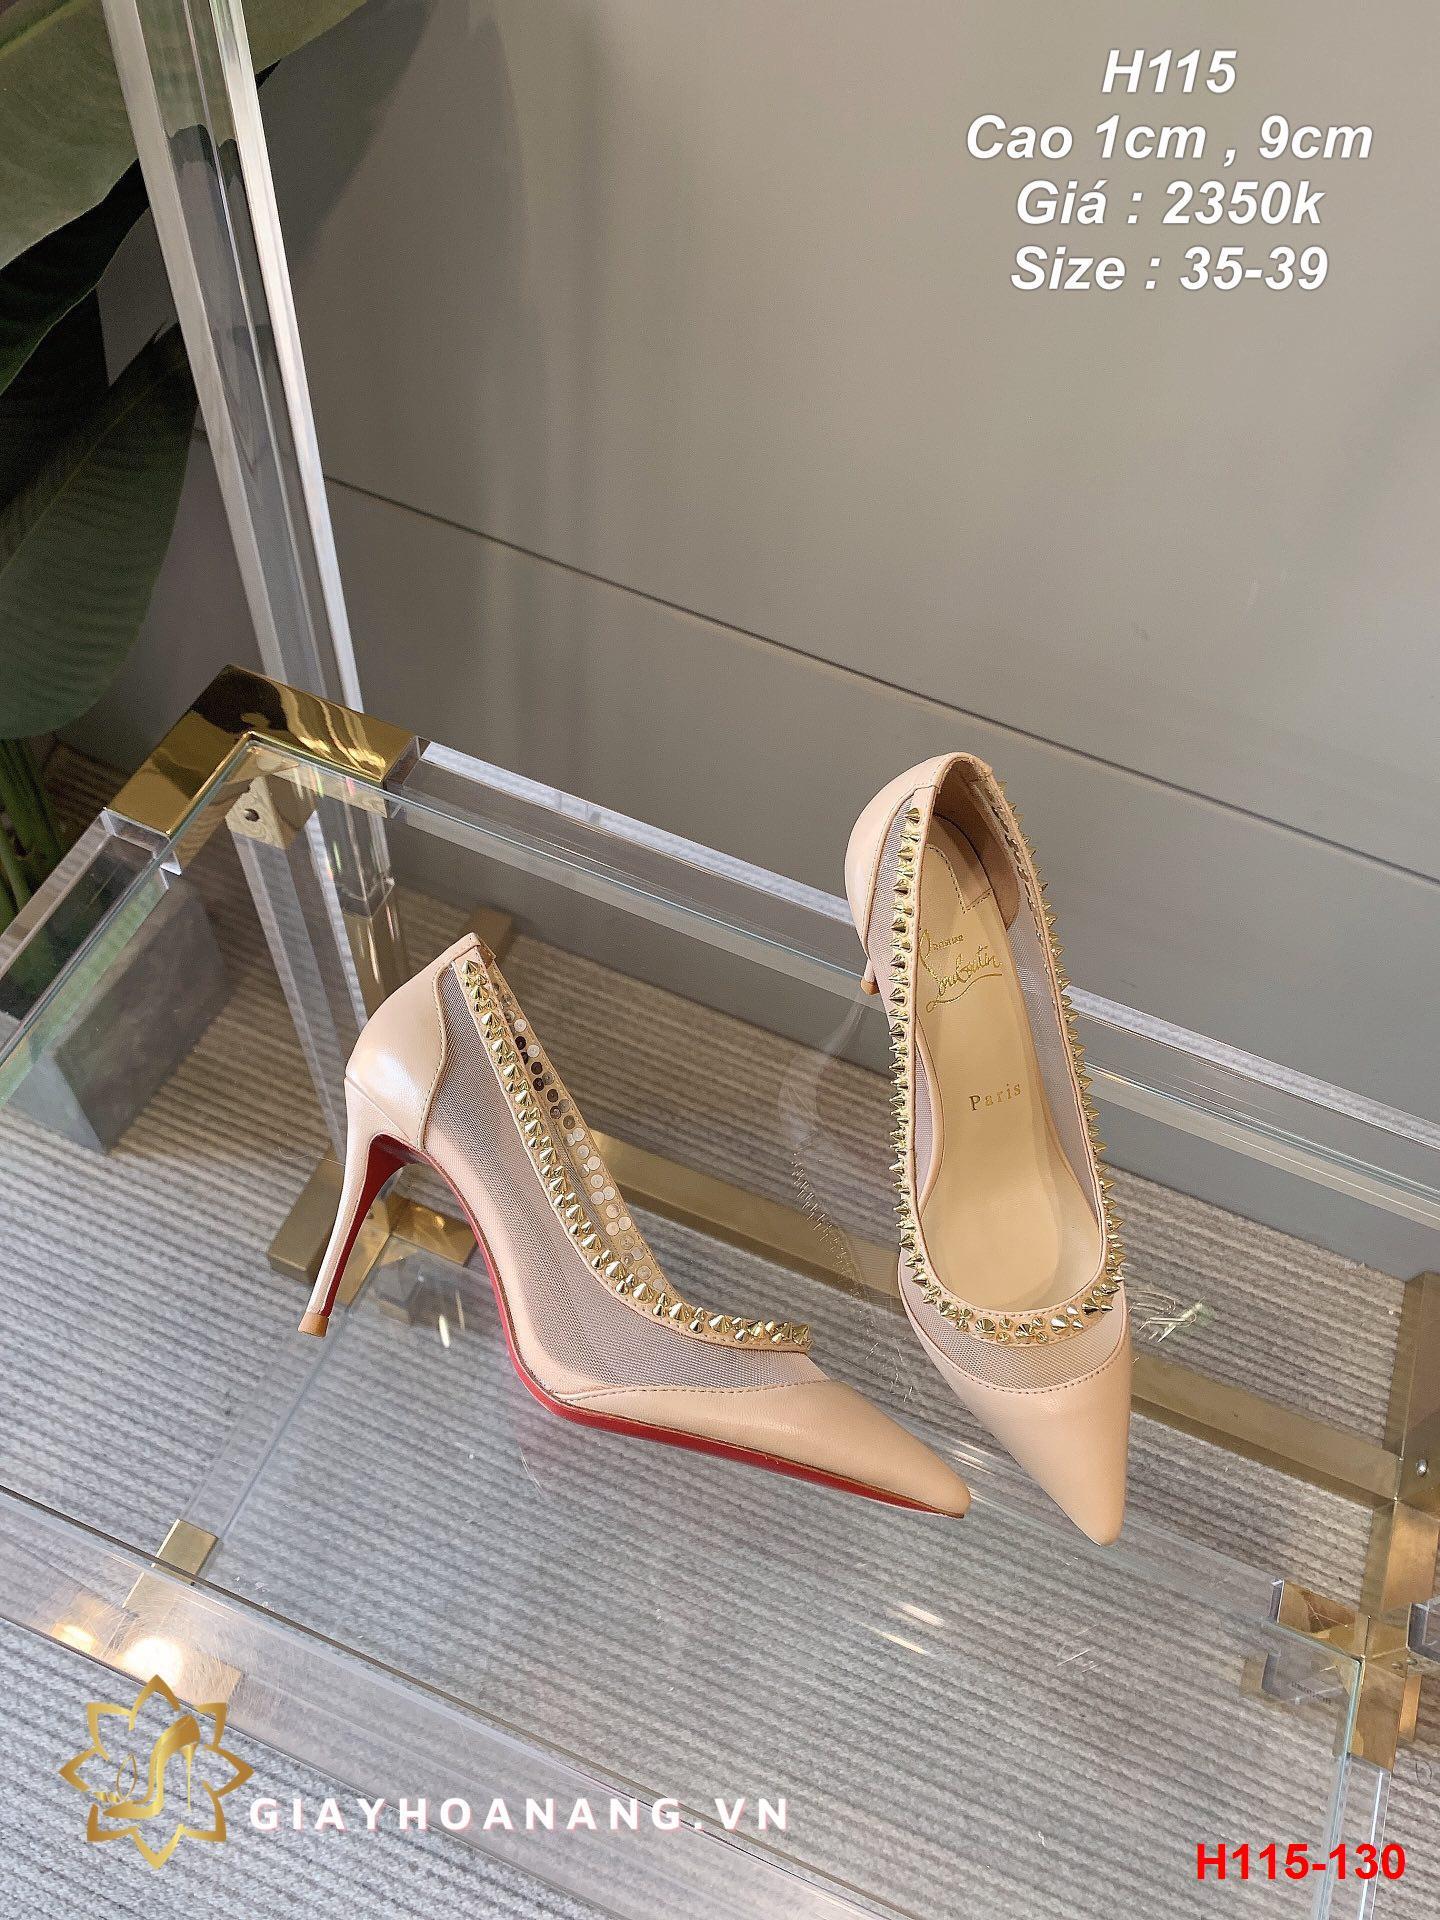 H115-130 Louboutin giày cao 1cm , 9cm siêu cấp